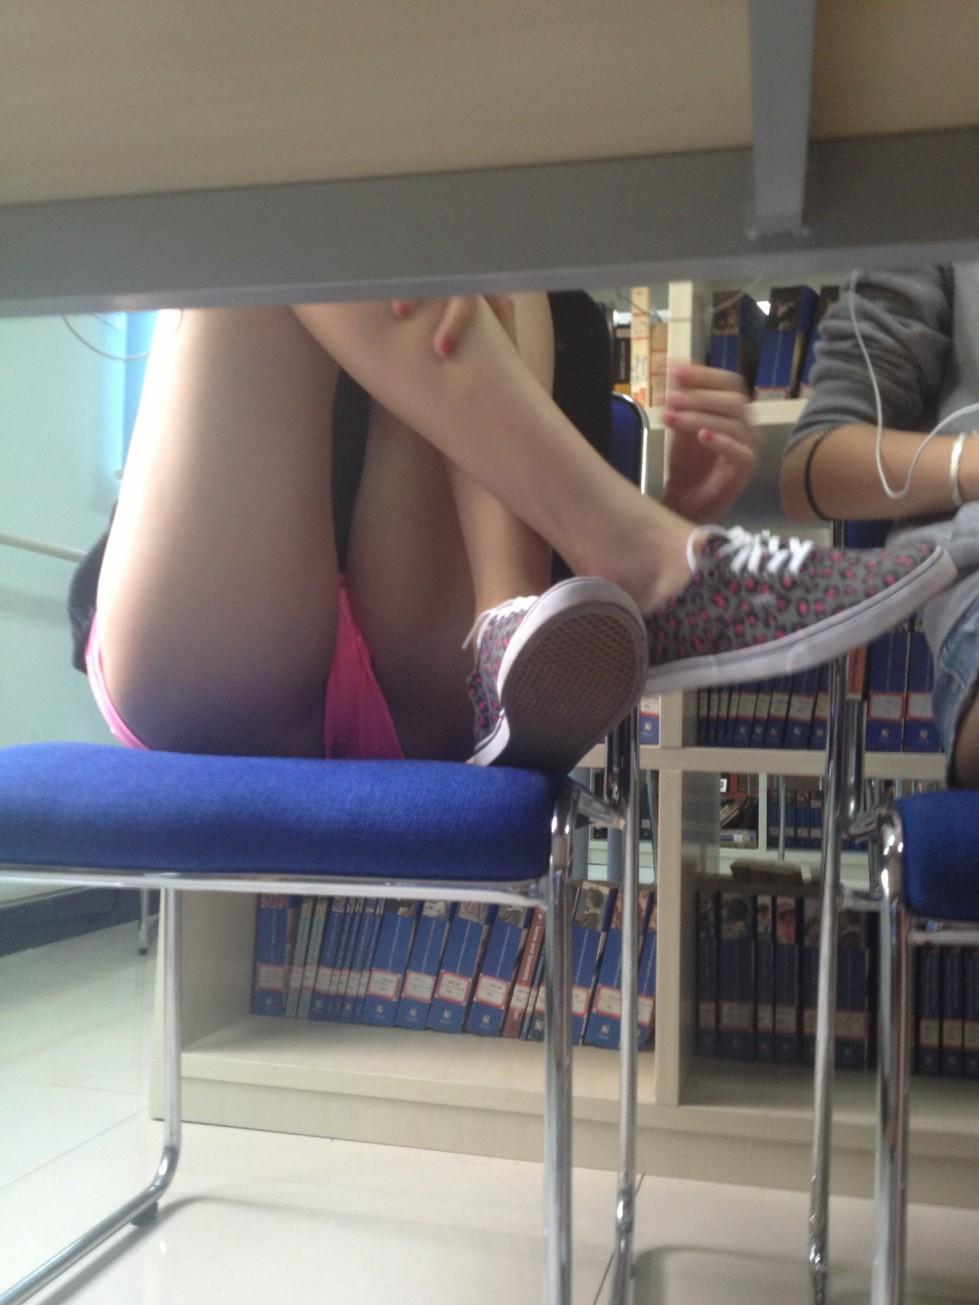 【画像】海外の女子学生がマジでエロすぎて授業に集中できない。。(画像85枚)・50枚目